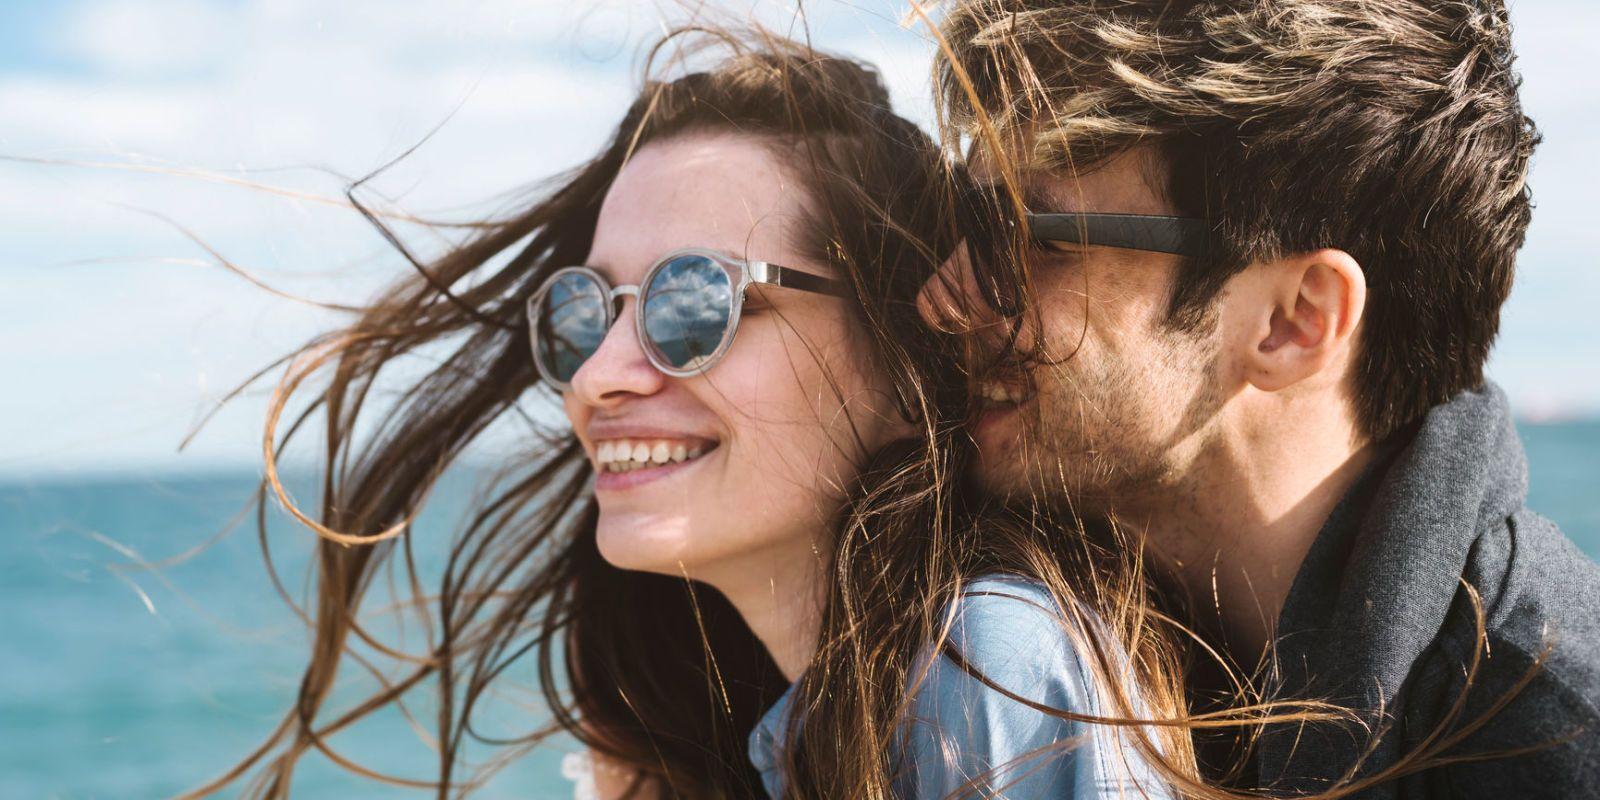 ιδέες online dating Πόσο κοστίζει να δημιουργήσετε μια εφαρμογή γνωριμιών